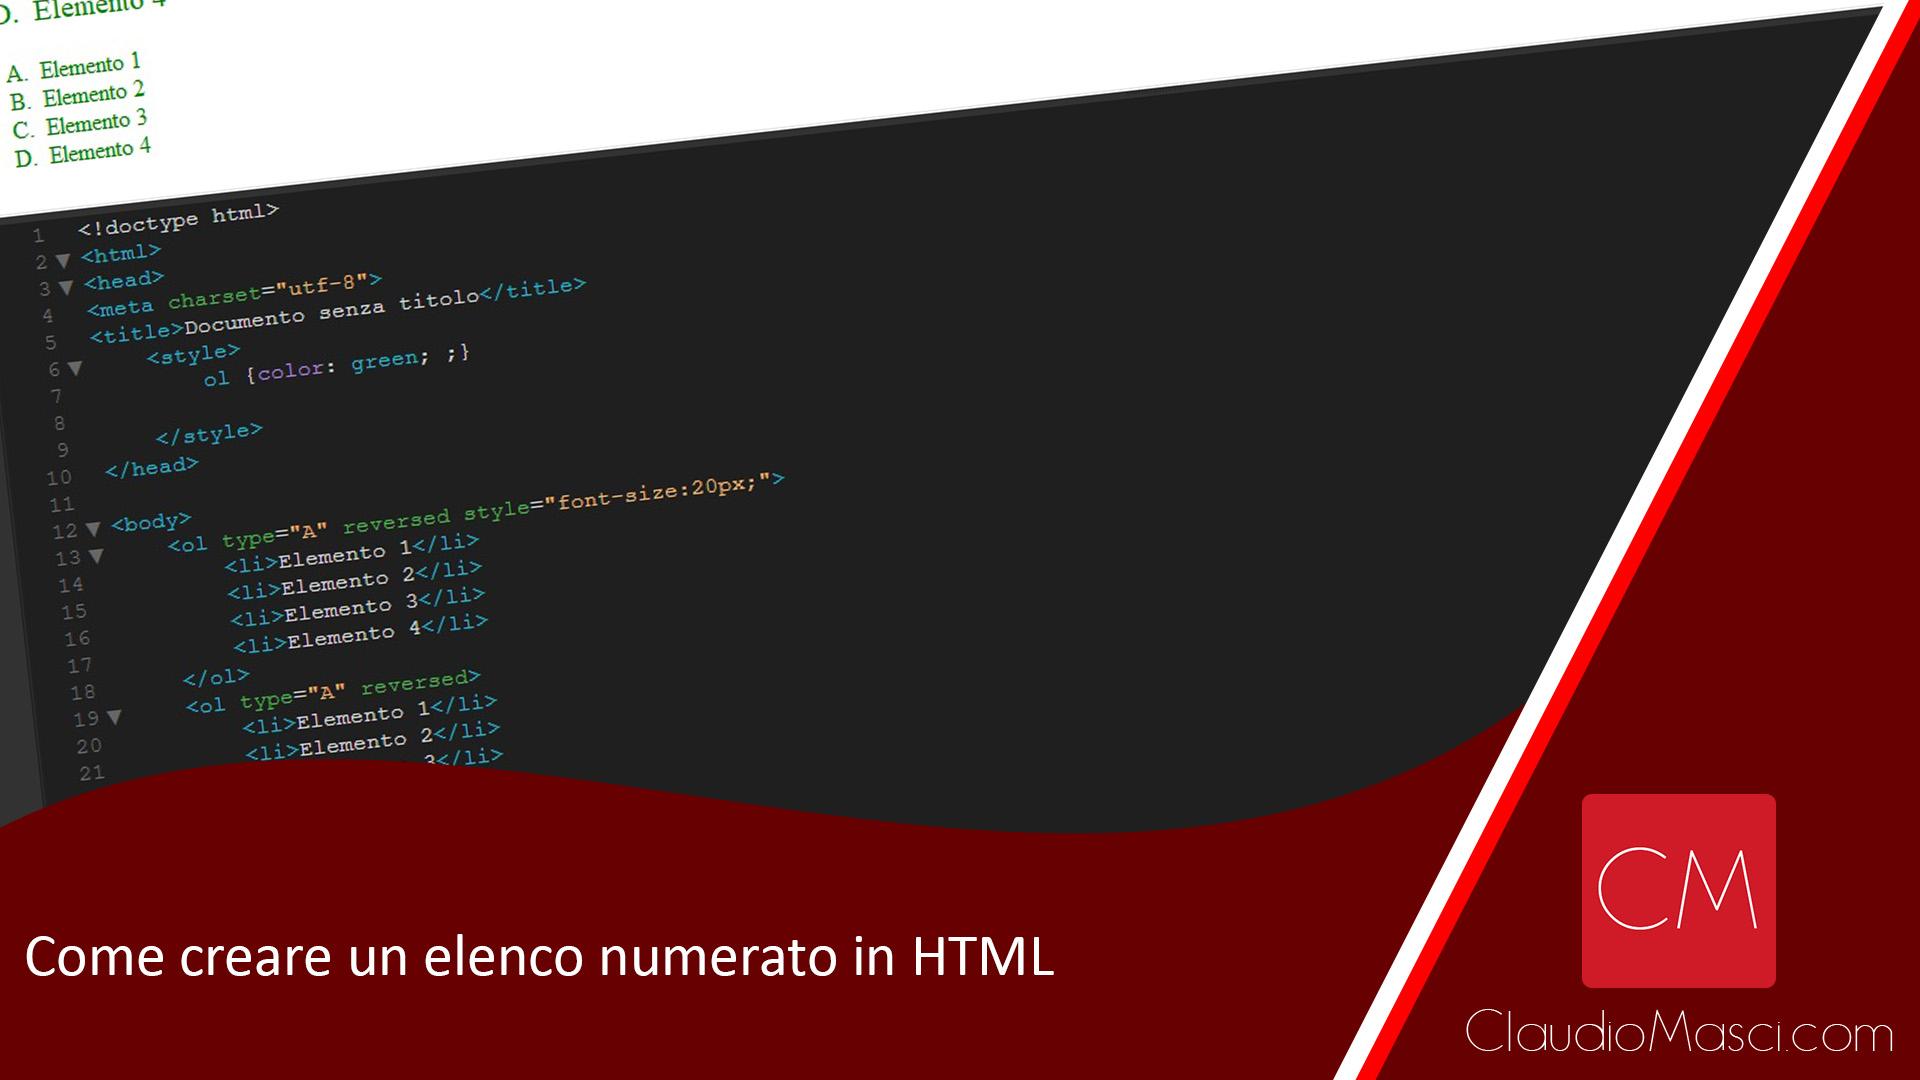 Come creare un elenco numerato in HTML